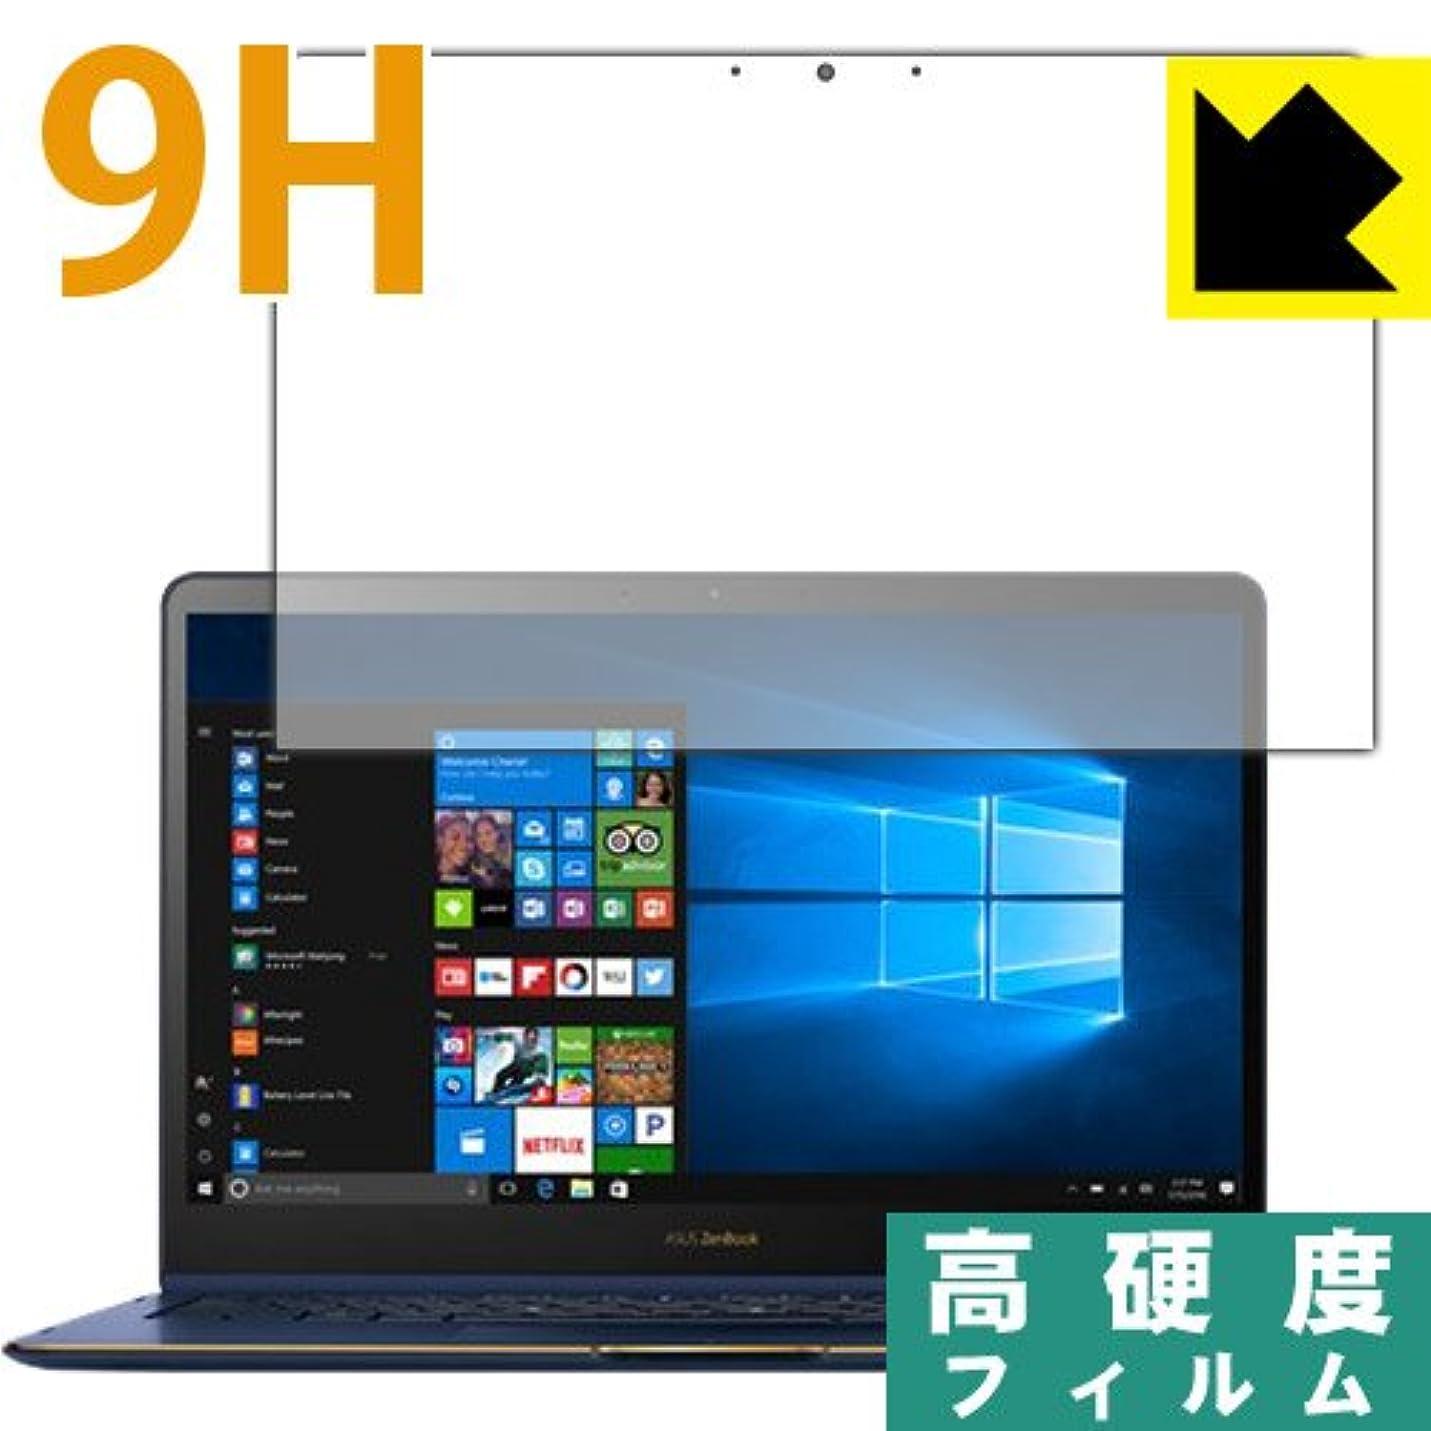 宝教える振り向くPET製フィルムなのに強化ガラス同等の硬度 9H高硬度[光沢]保護フィルム ASUS ZenBook Flip S UX370UA 日本製